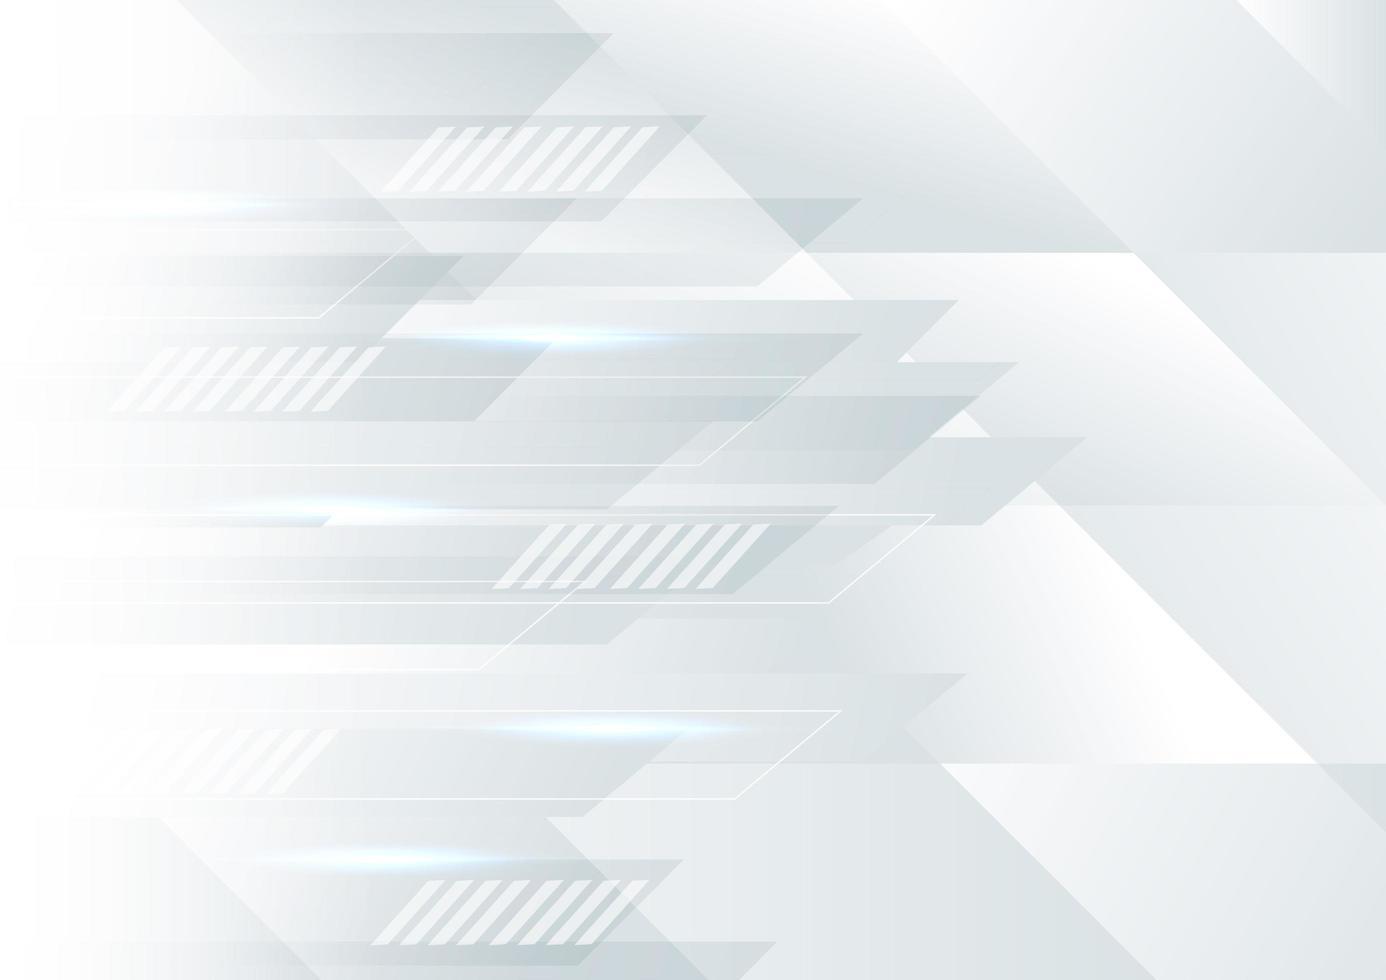 Fondo en movimiento geométrico blanco y gris abstracto vector